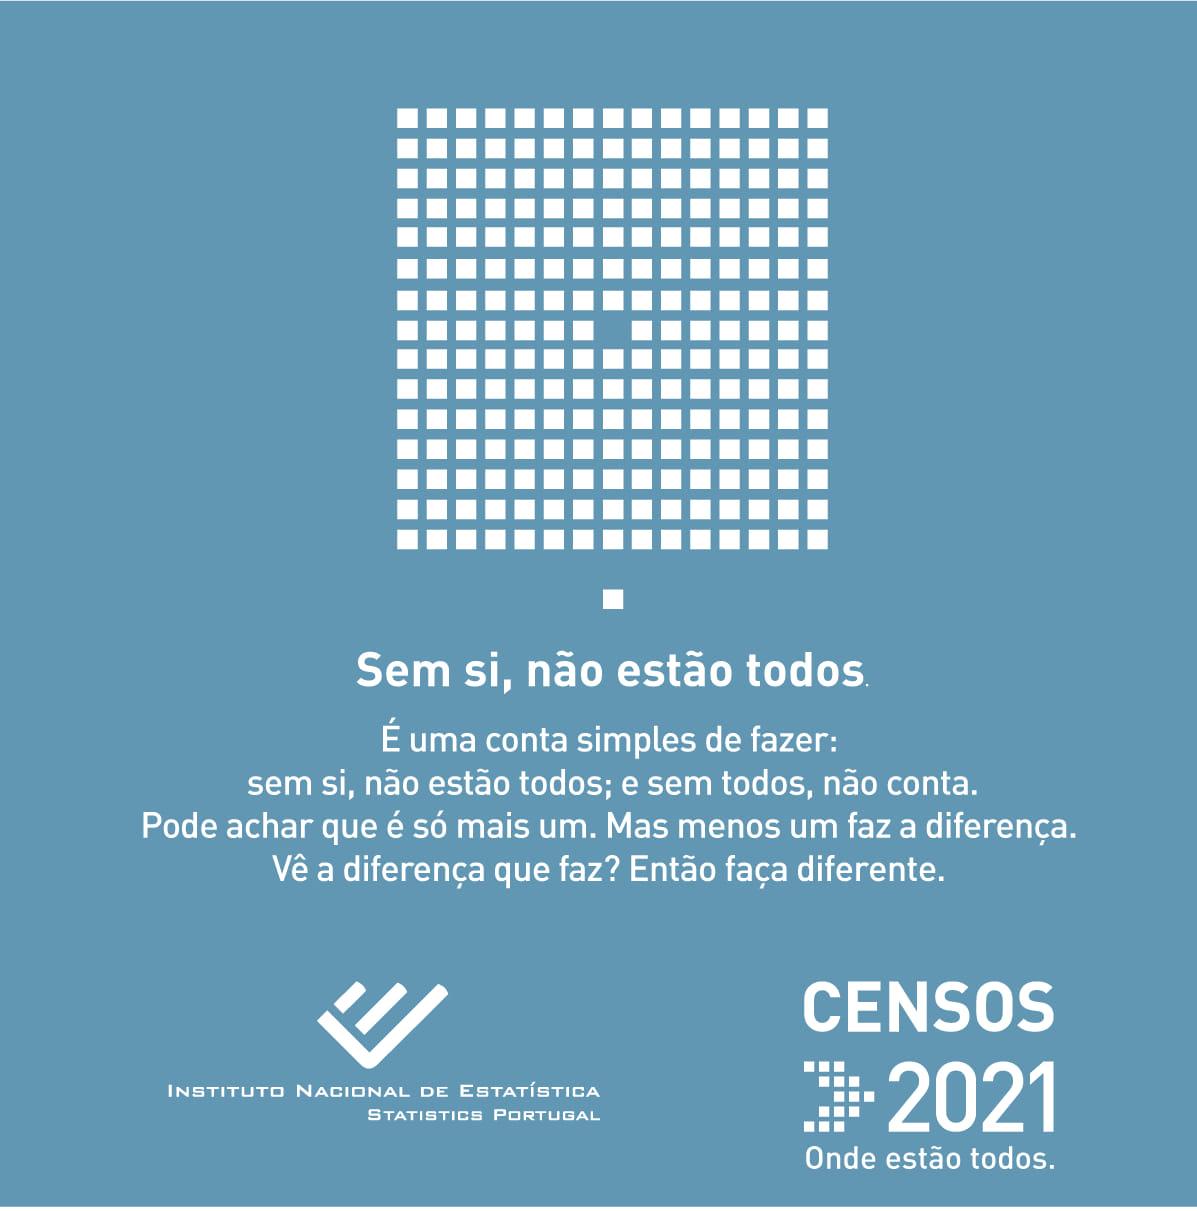 75% da população da Ponta do Sol já respondeu aos Censos 2021